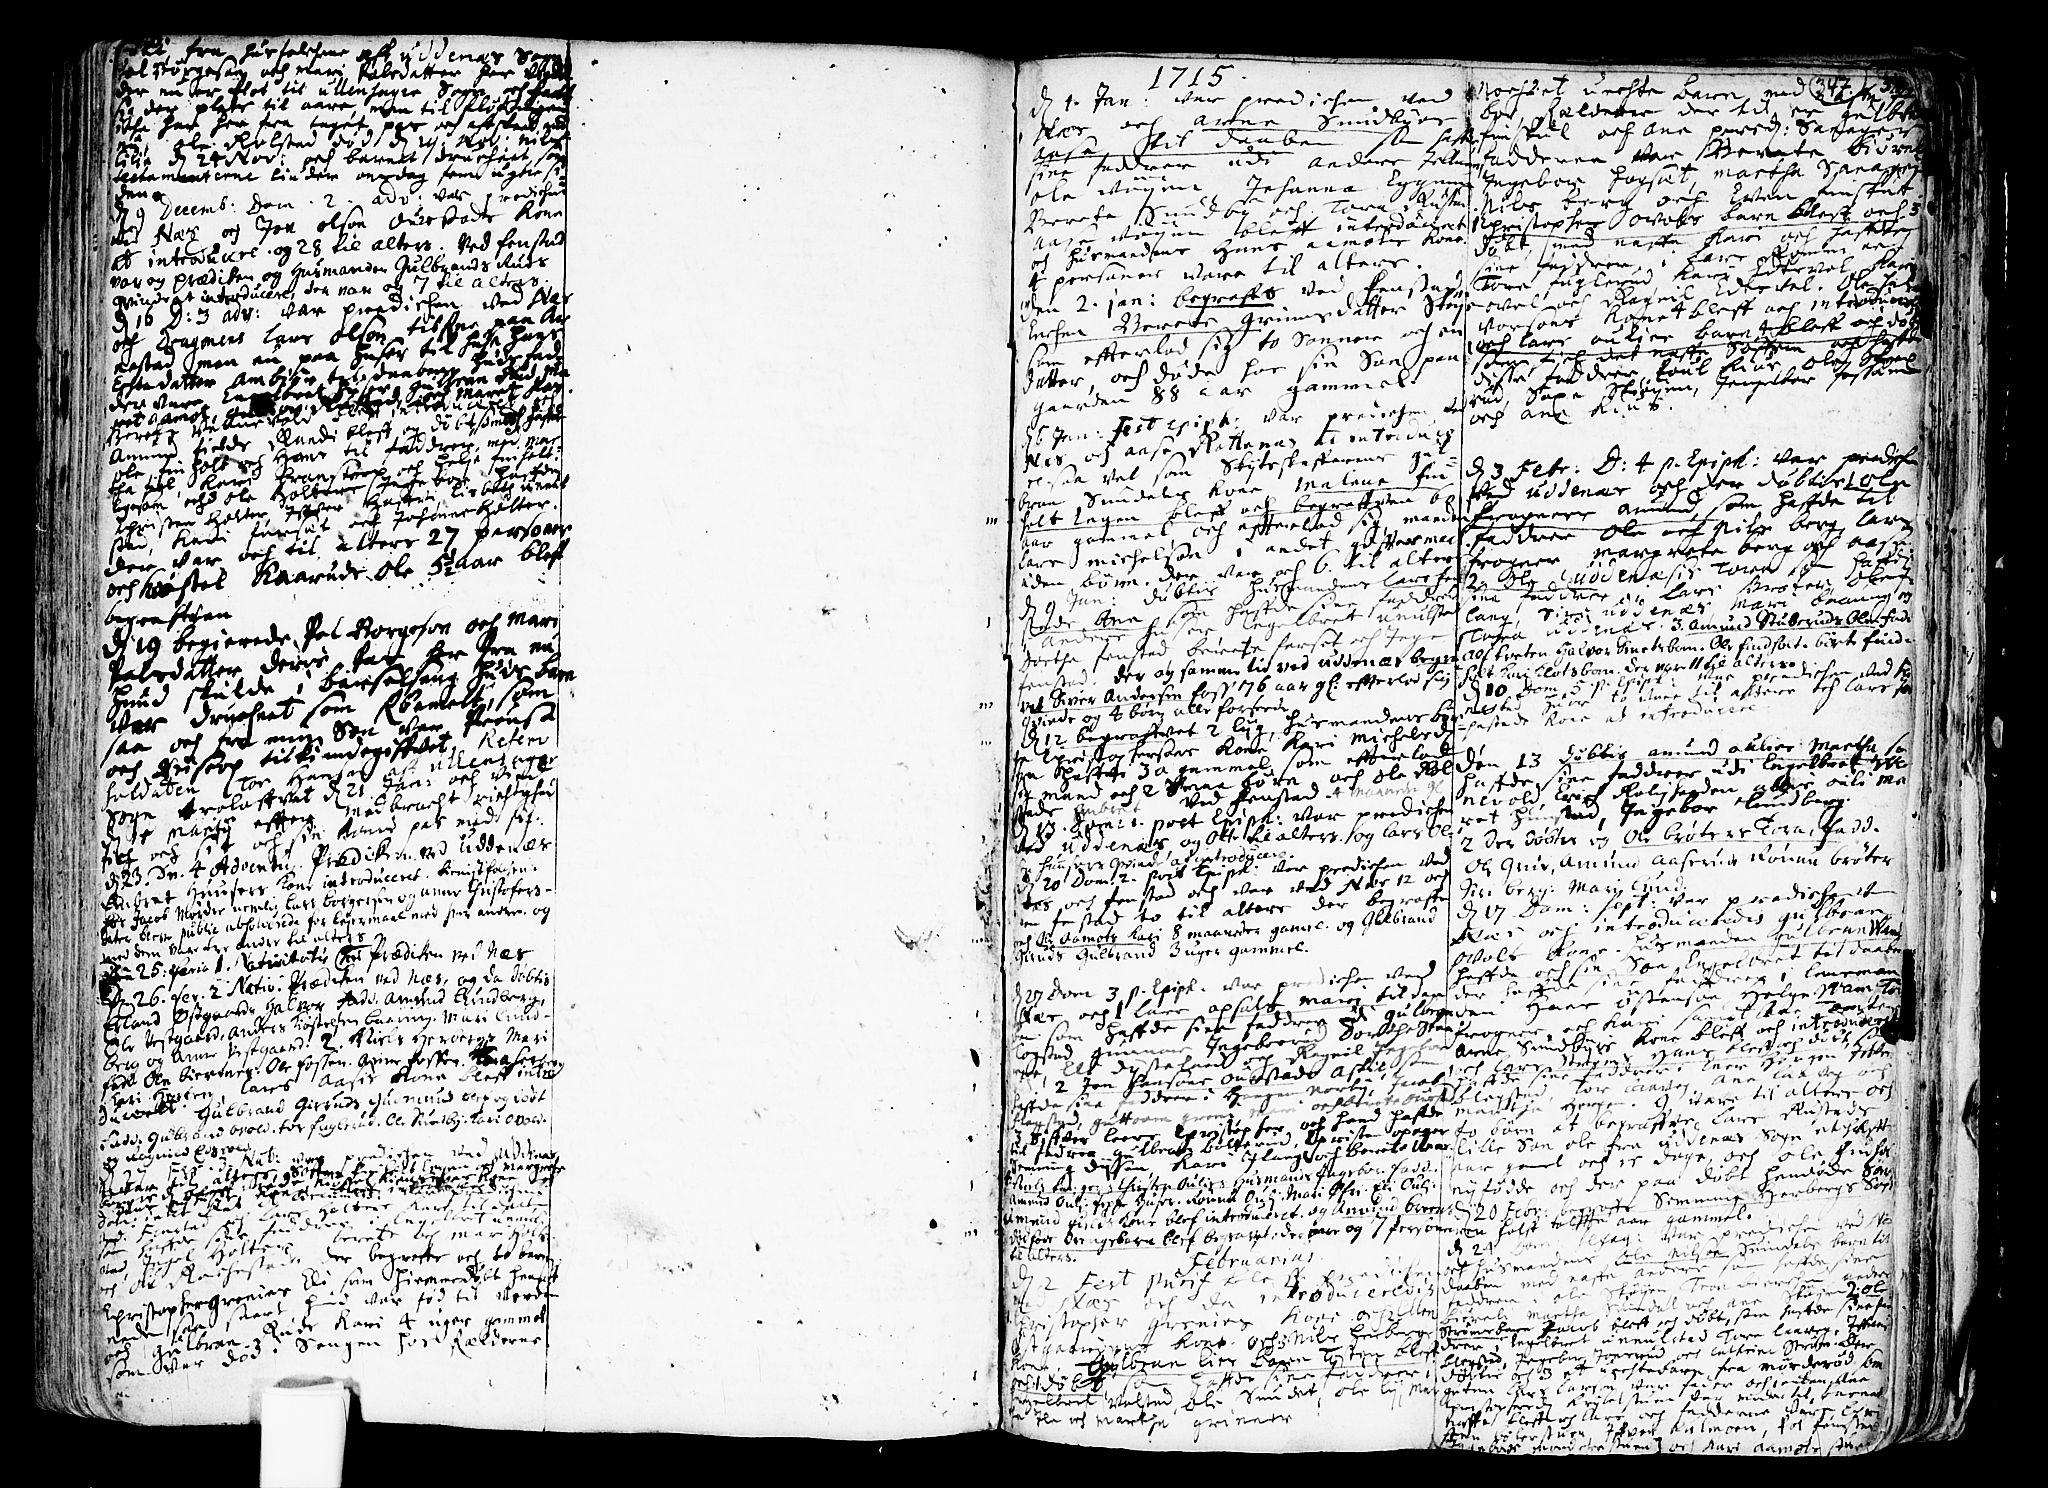 SAO, Nes prestekontor Kirkebøker, F/Fa/L0001: Ministerialbok nr. I 1, 1689-1716, s. 346-347